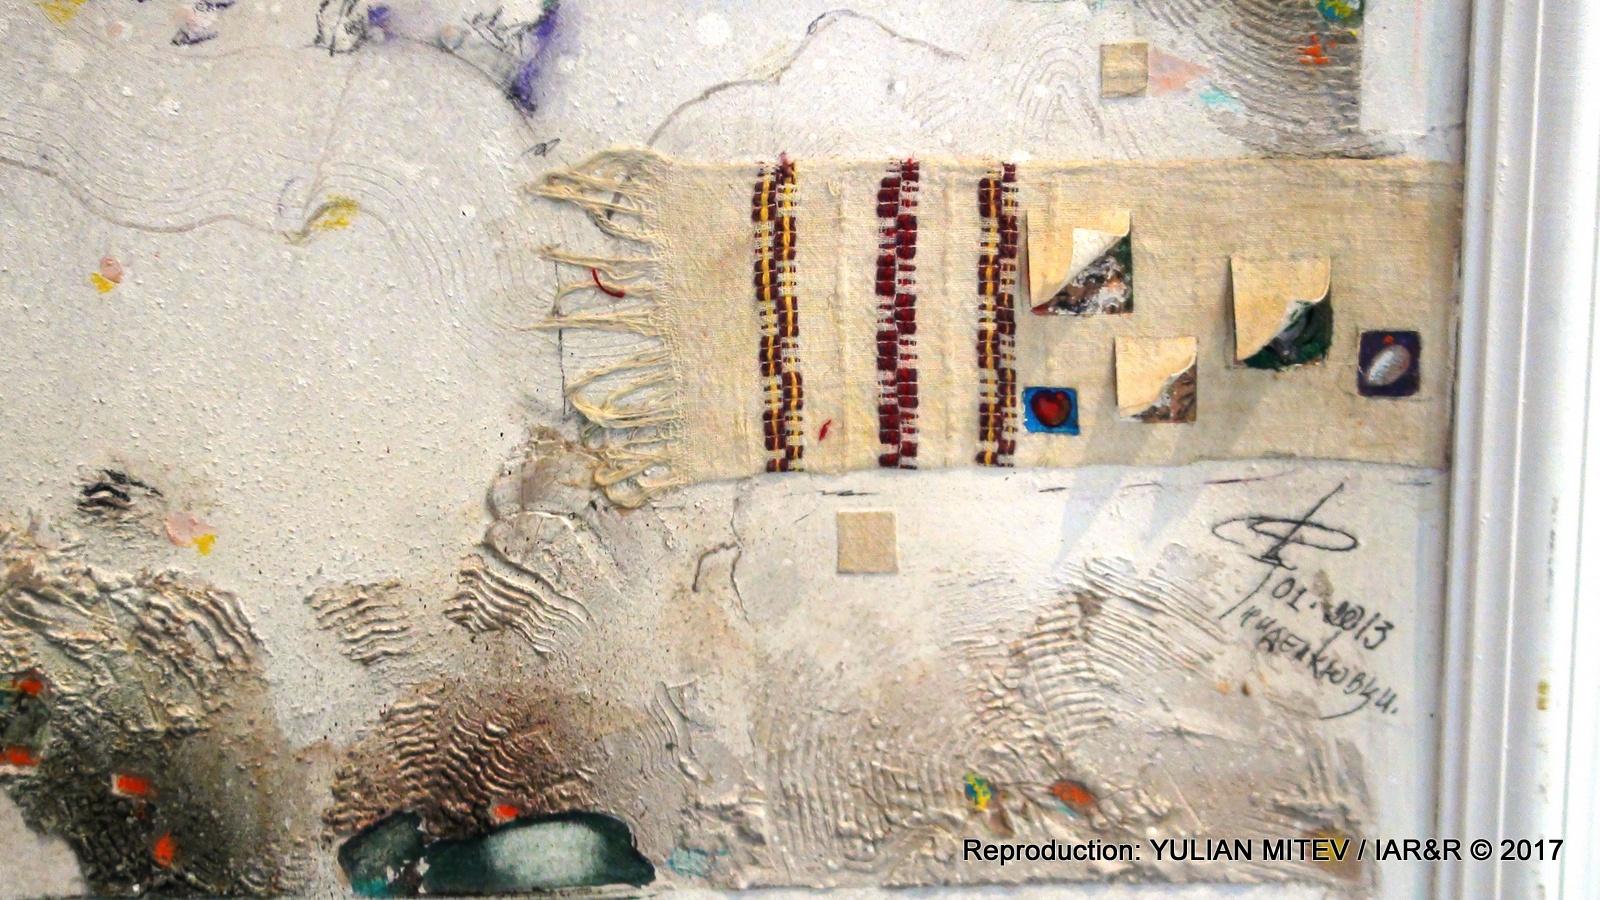 """Цветан Колев, """"От... до..."""" (фрагмент), 70 х 100 см, естимейт € 1000, провенанс – ателието на художника"""